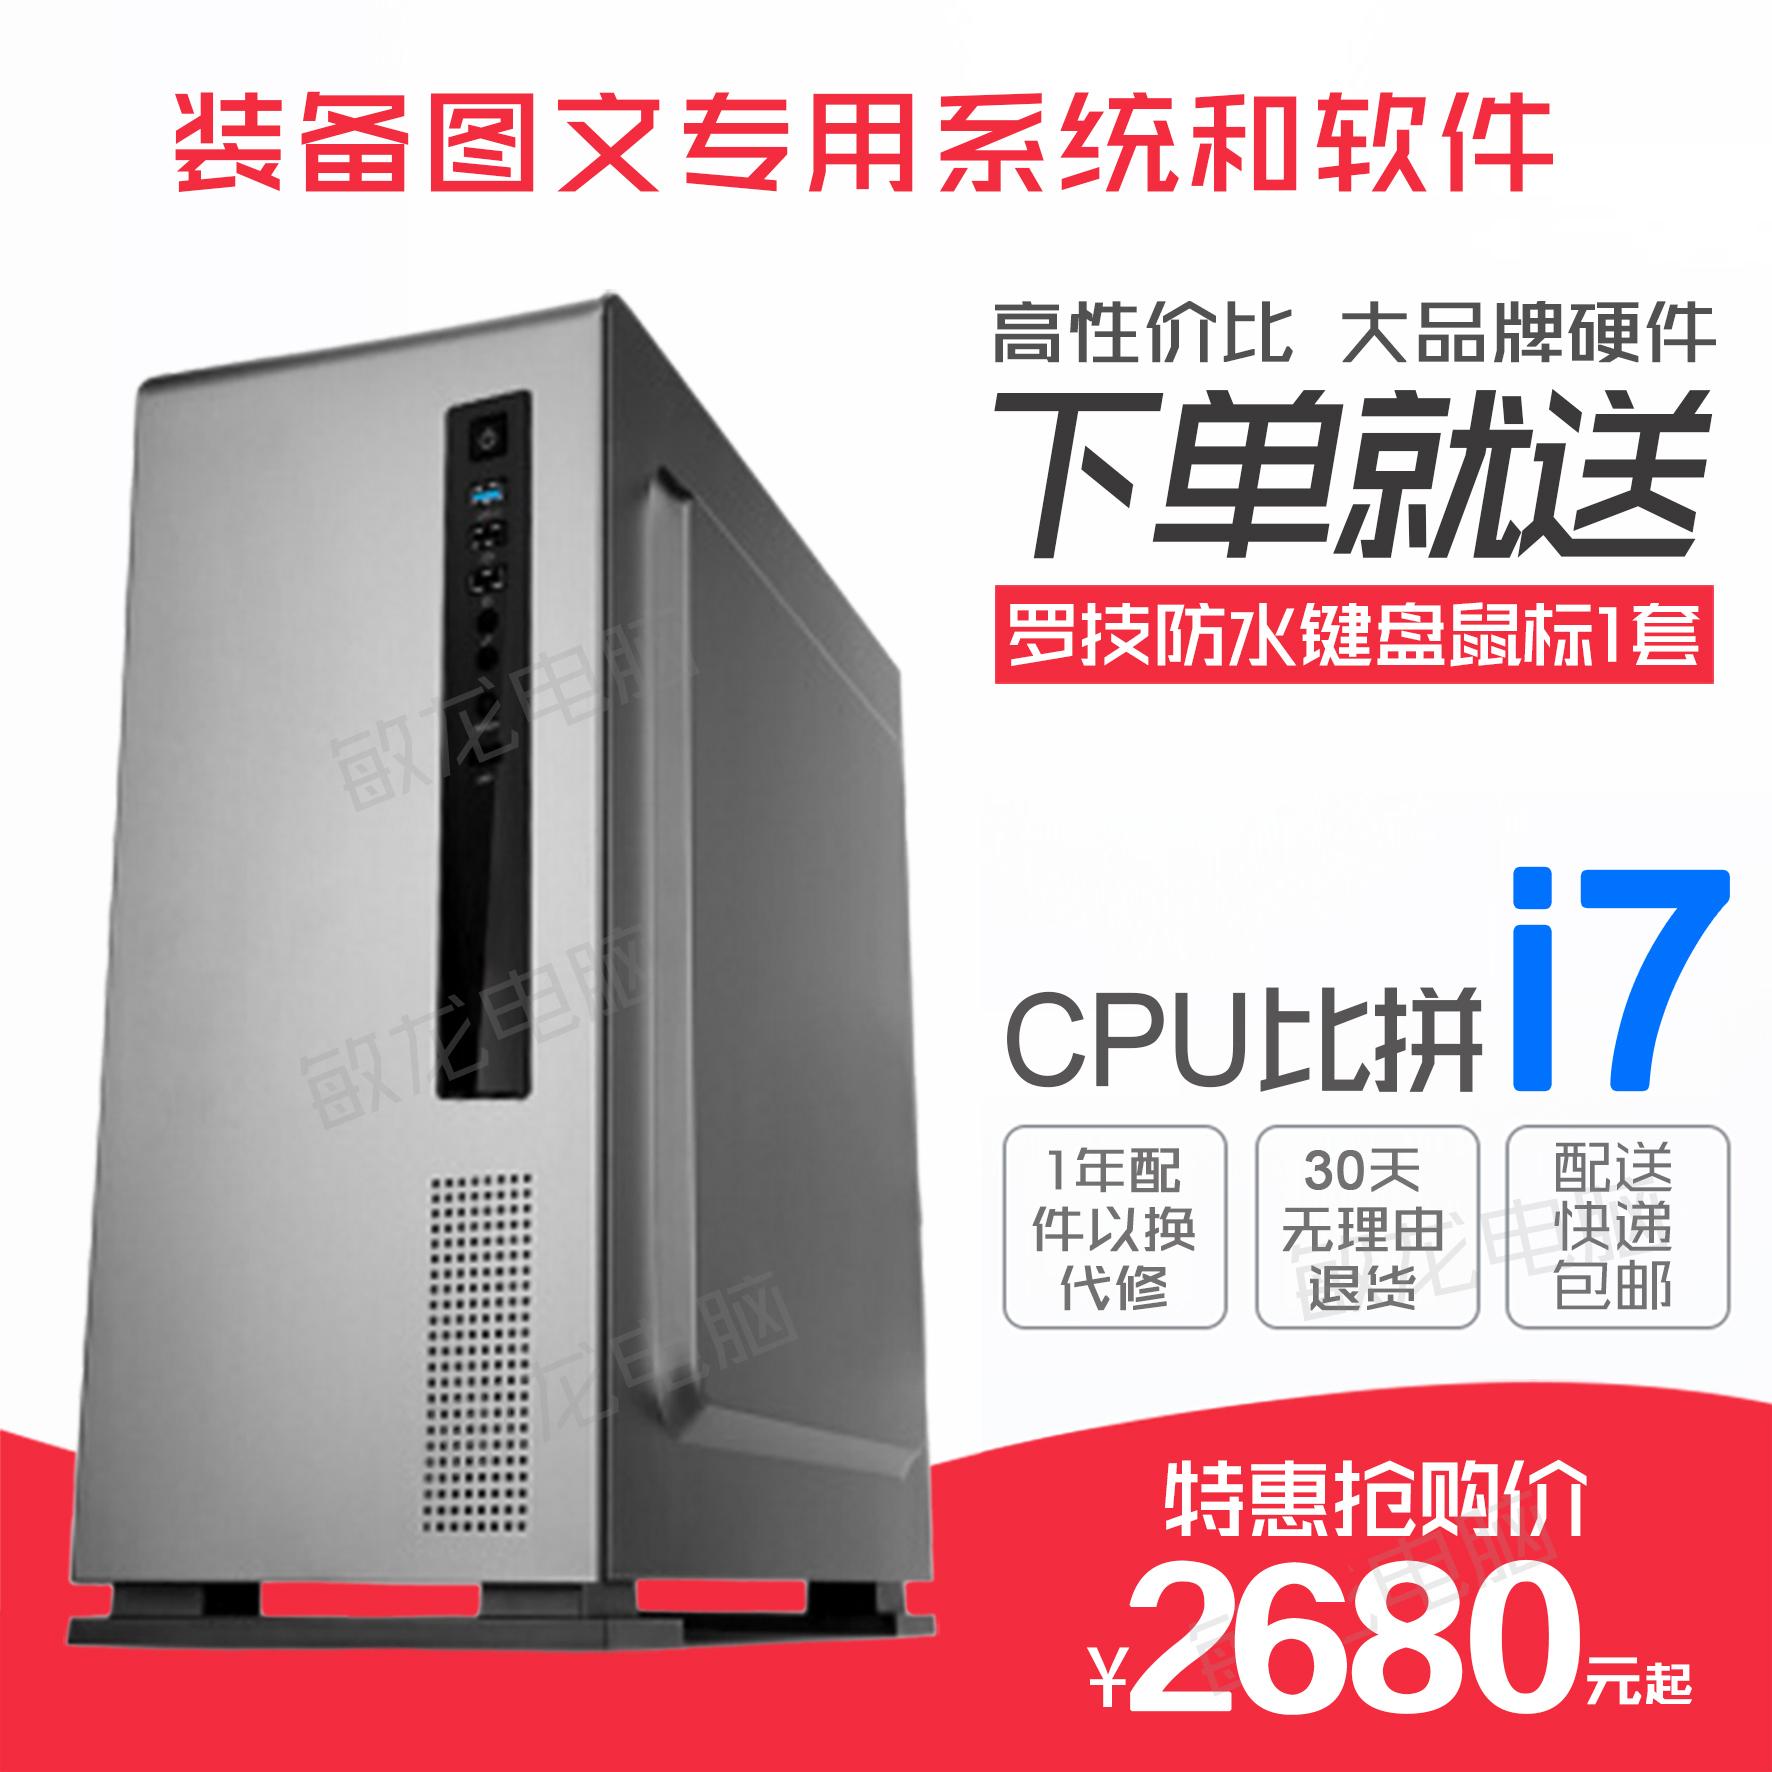 硬件软件系统包顺丰 i7 比拼 CPU 图文店快印专用电脑台式主机 F1 敏龙